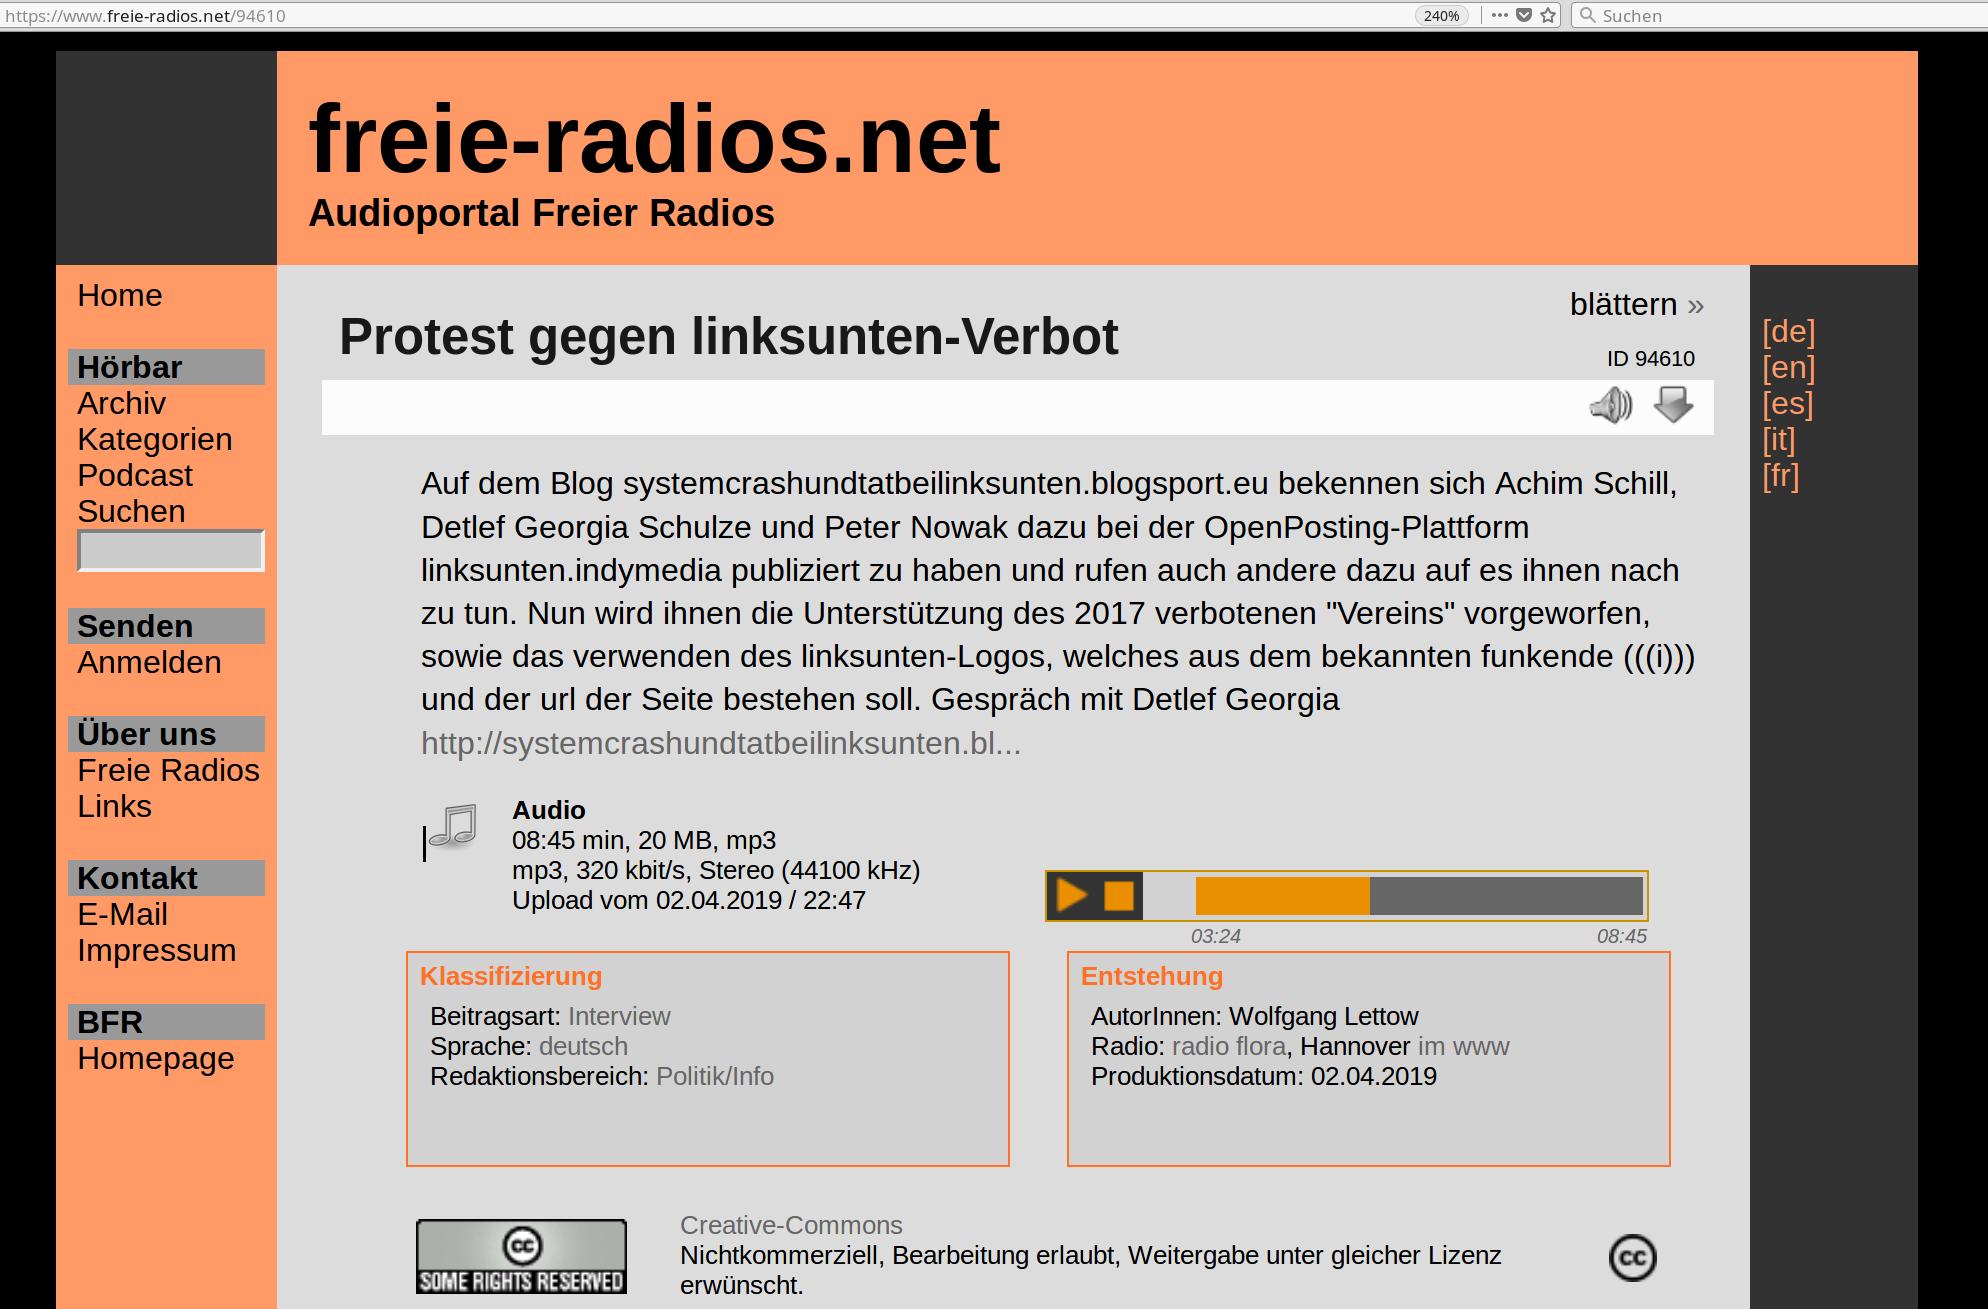 freie-radios.net vom 03.04.2019